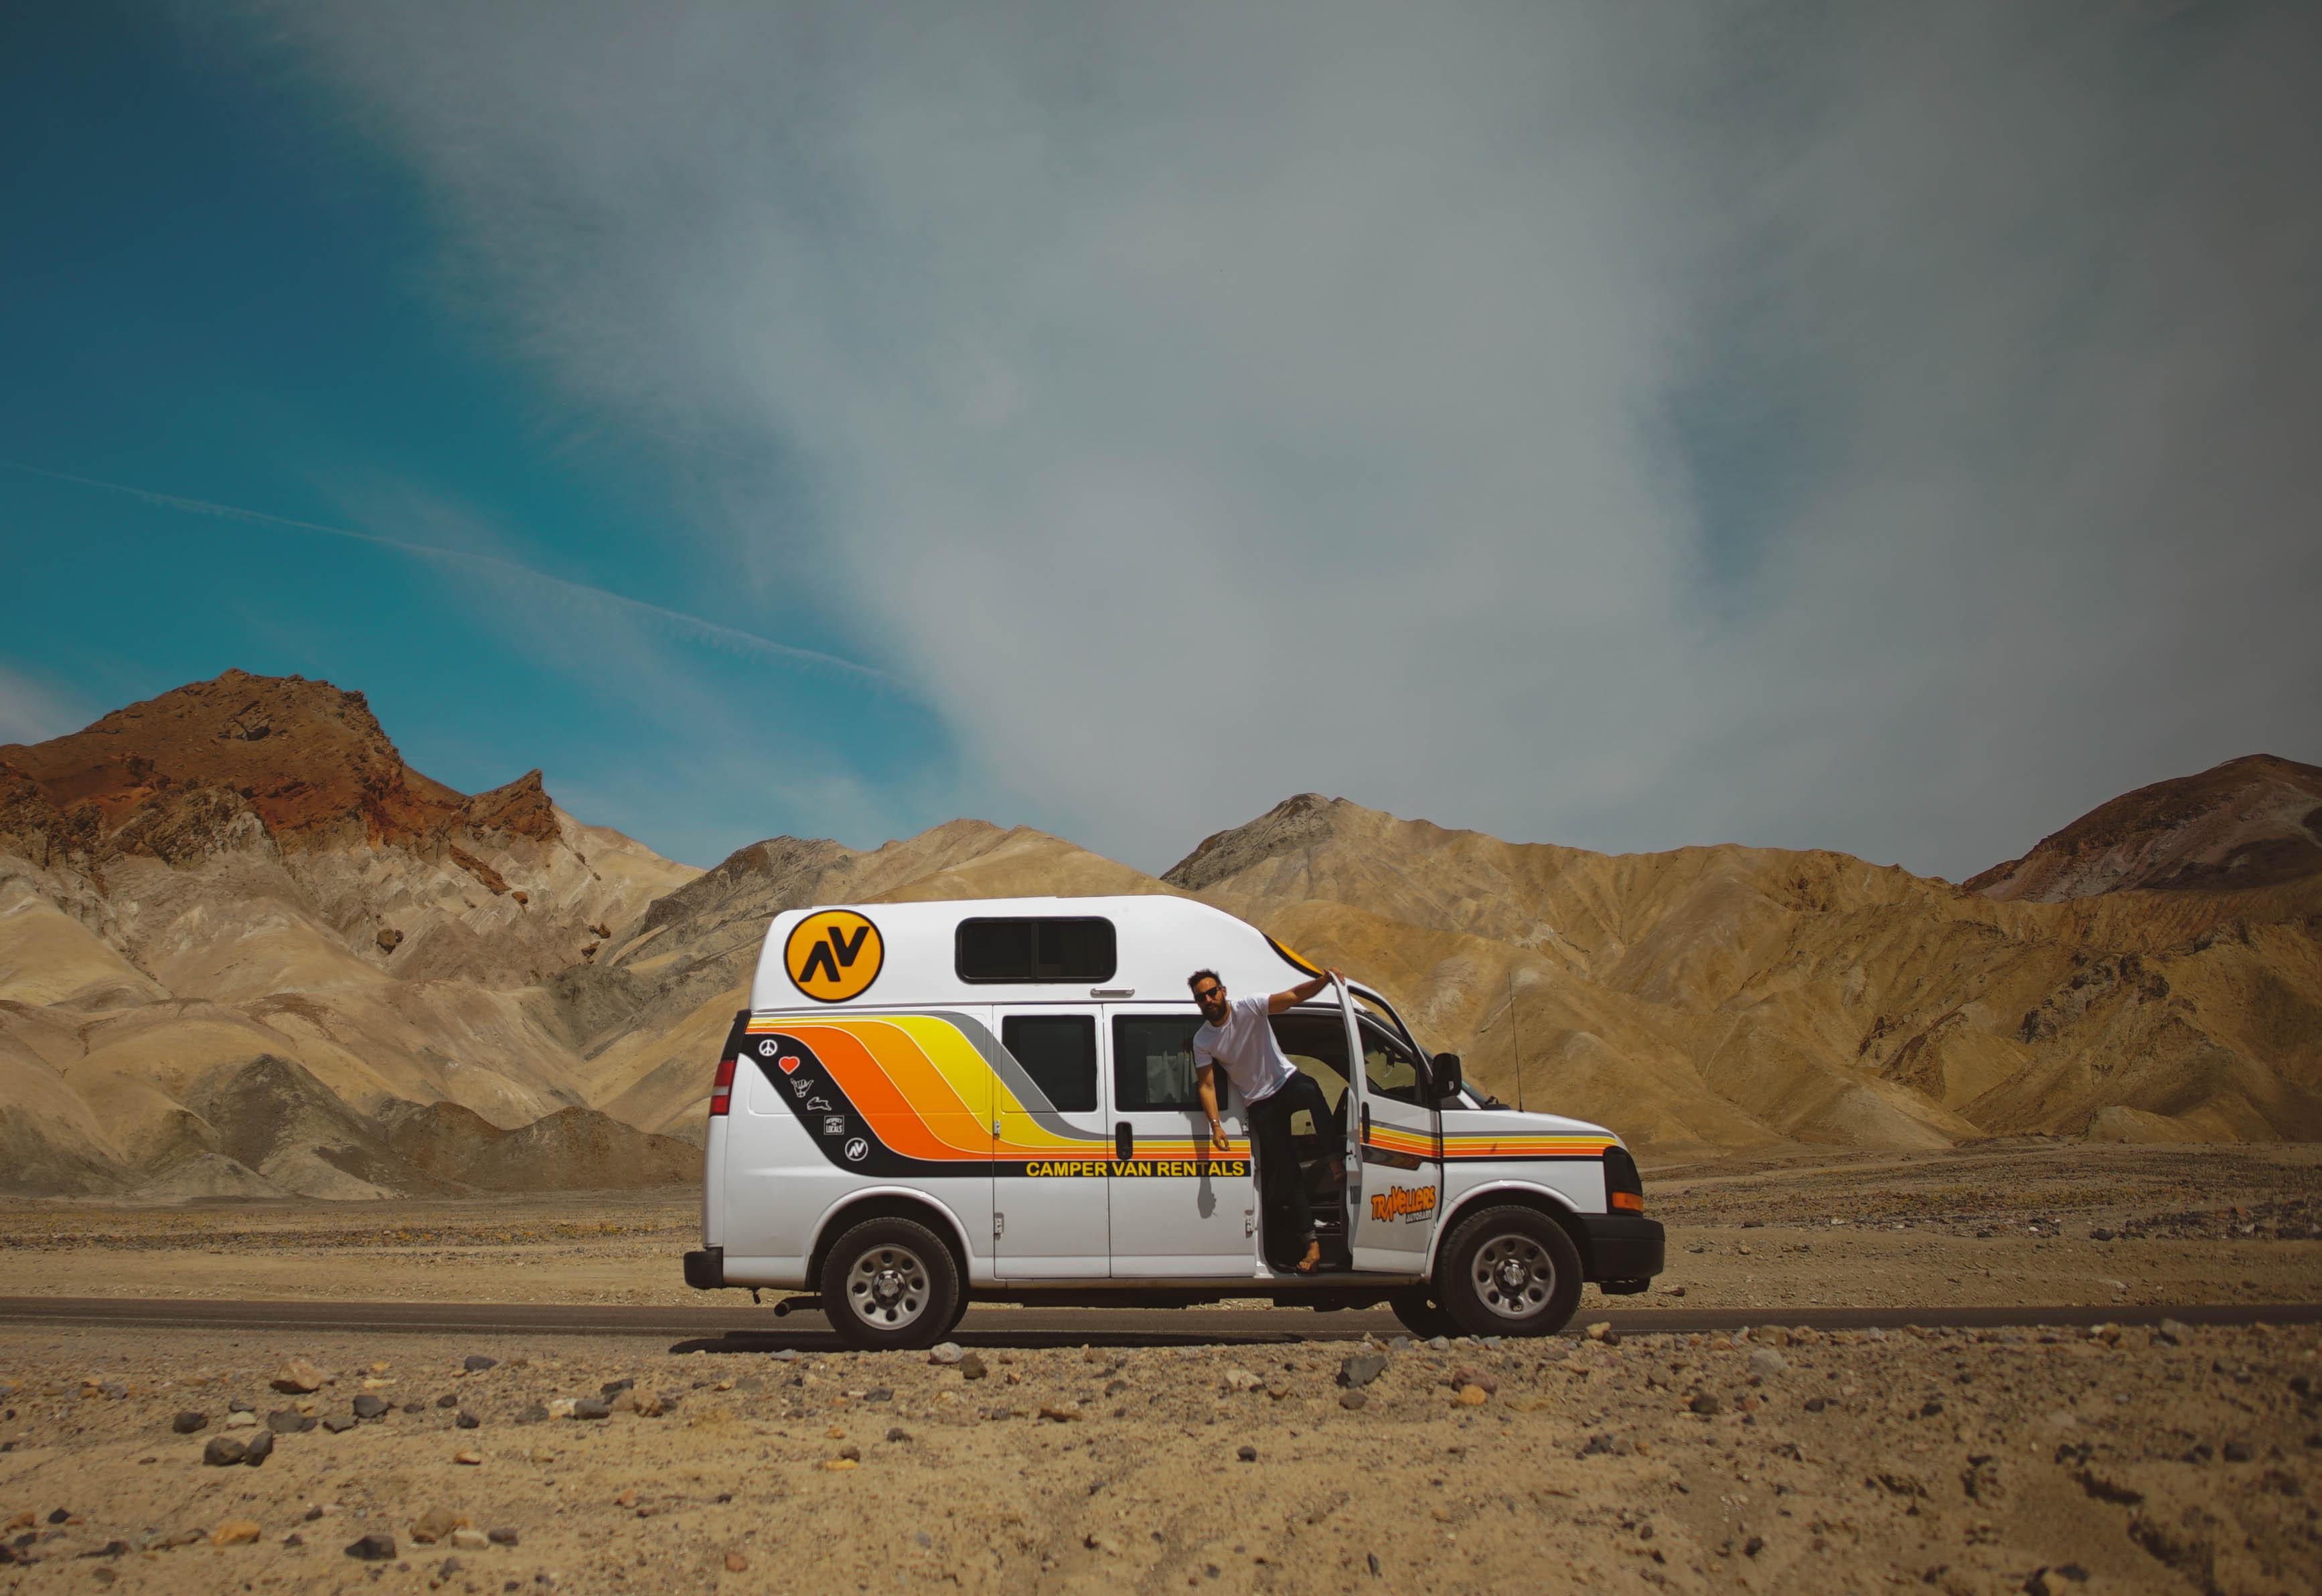 Free Gear Fridays: 2-Week Campervan Adventure Rental Giveaway | GearJunkie